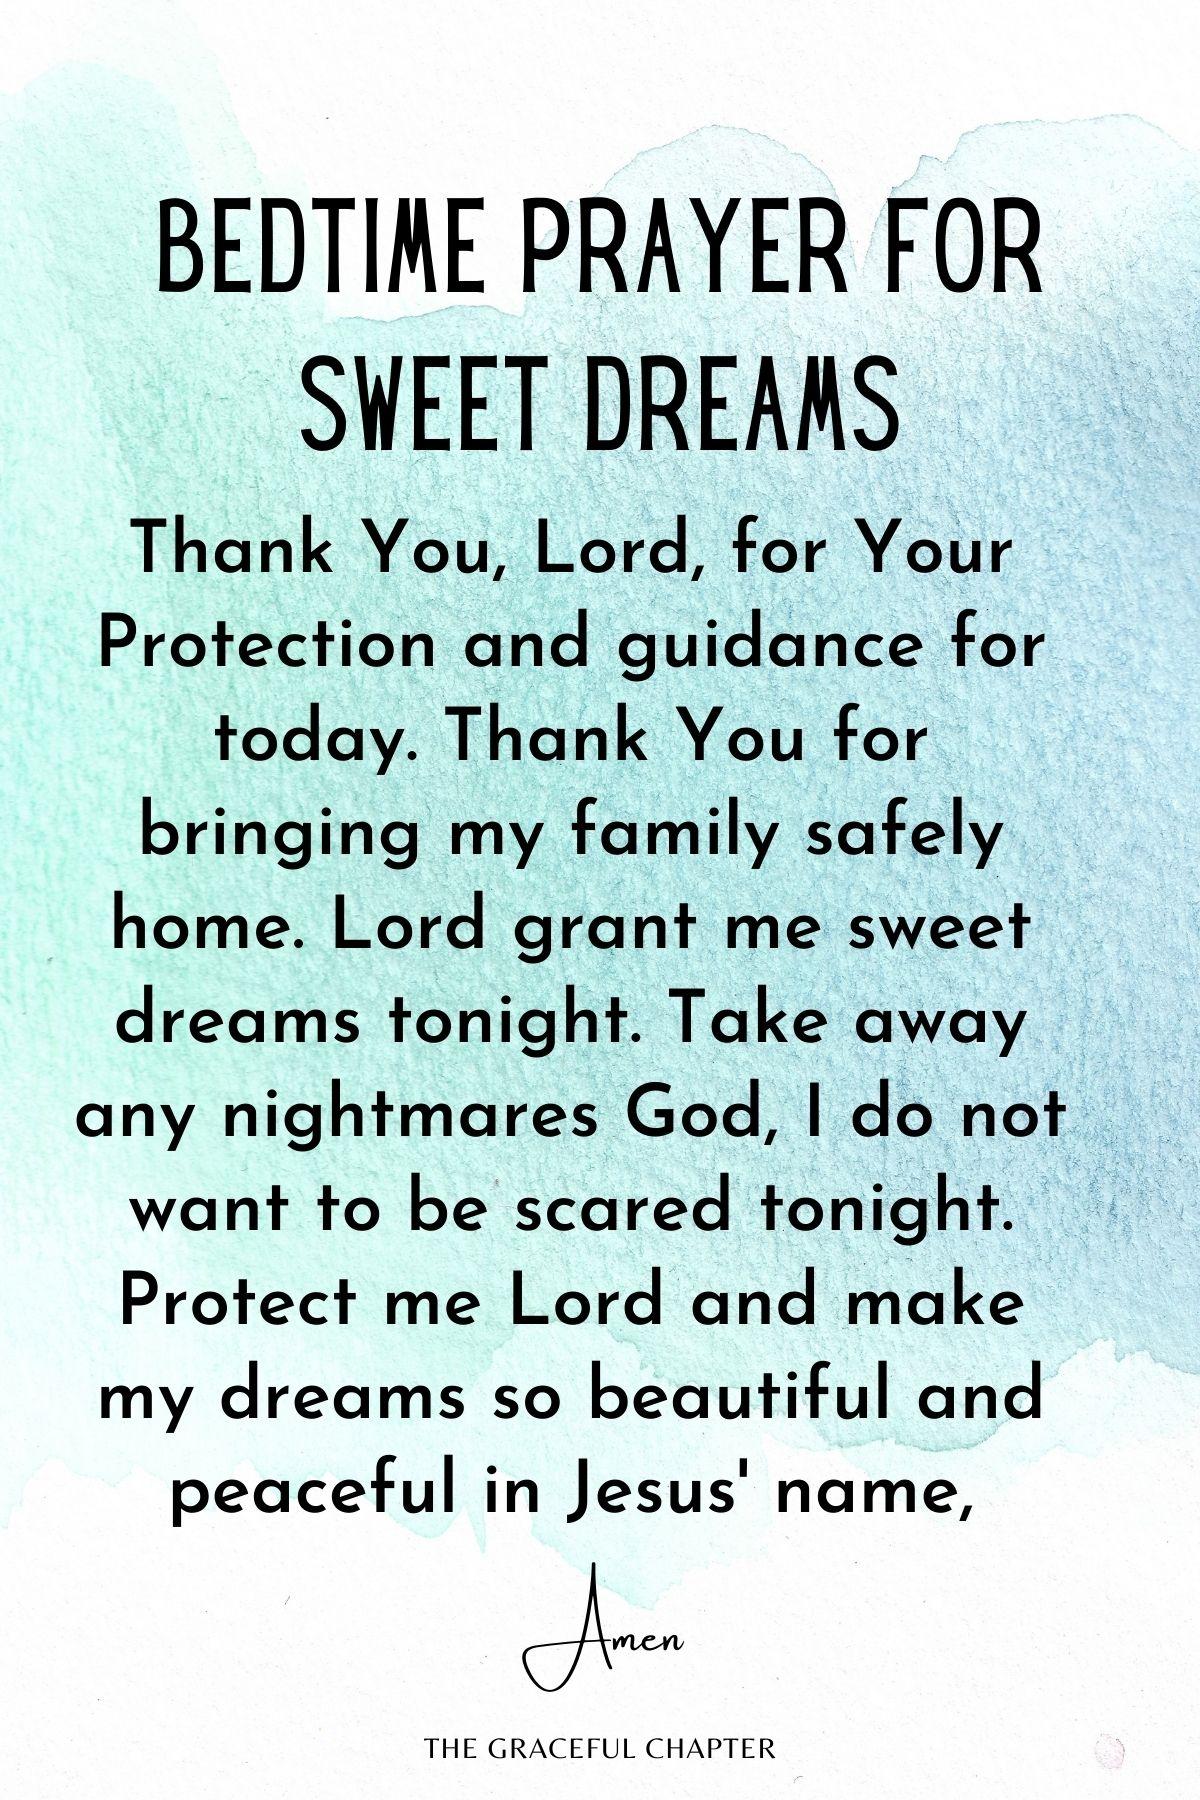 Bedtime prayer for sweet dreams